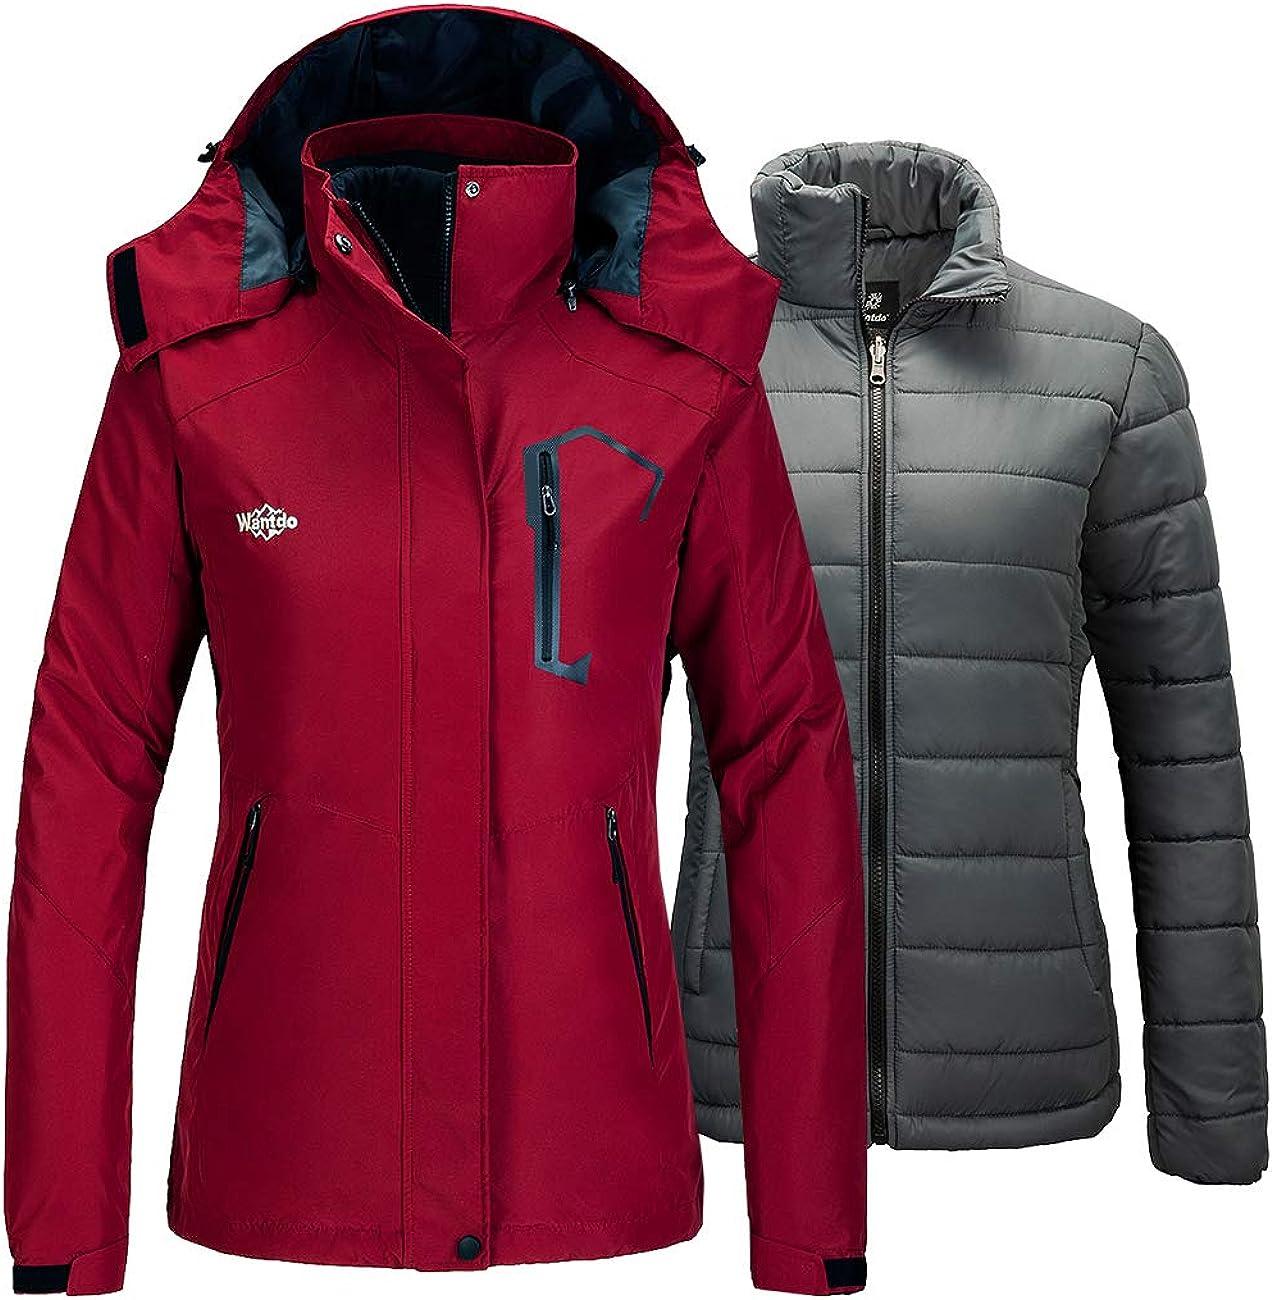 Wantdo Women's 3 in 1 Waterproof Ski Jacket Mountain Snowboarding Jacket Winter Snow Coat